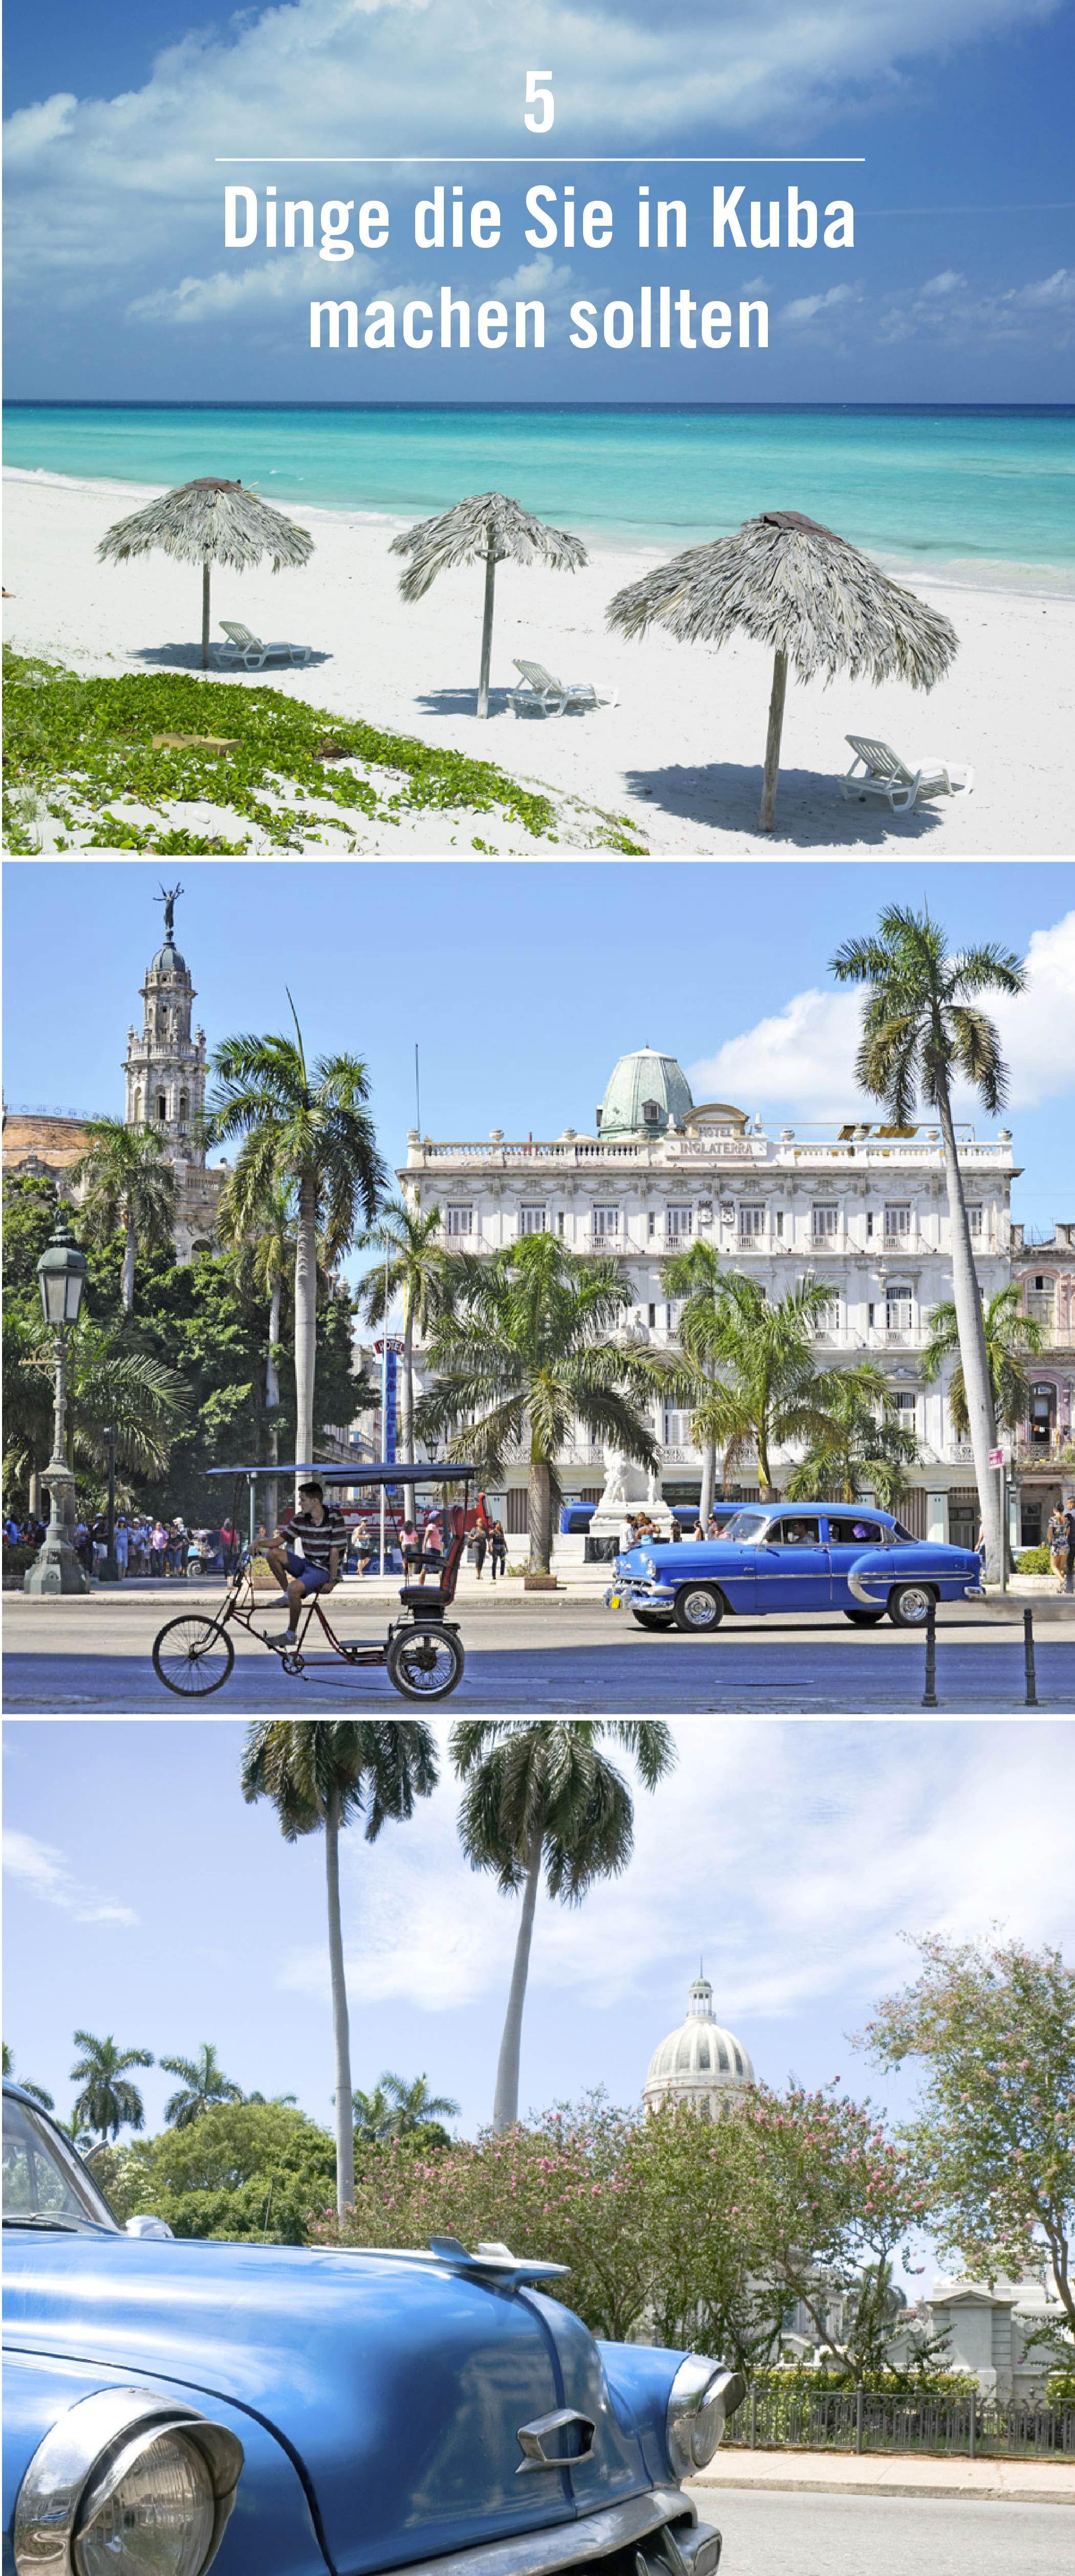 Brauchen Sie Hilfe bei der Planung Ihrer nächsten Reise nach Kuba? Diese  Liste mit 5 Dingen, die Sie unbedingt machen sollten, hilft Ihnen dabei. Schnappen Sie sich Ihre Rodenstock Sonnenbrille und los geht's!